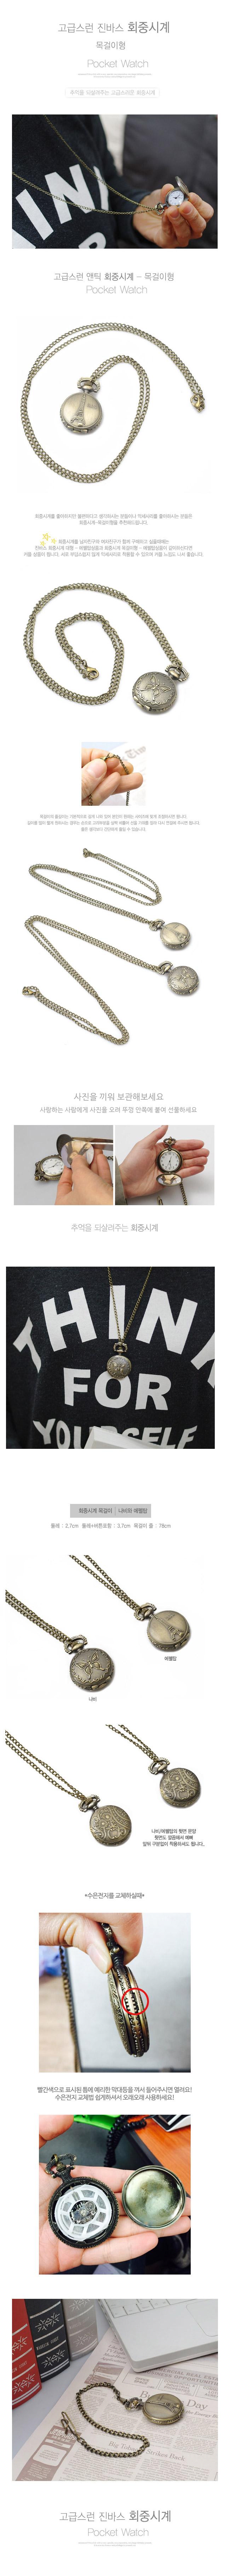 고급스런 앤틱 회중시계 - 목걸이형 - 진바스, 12,000원, 남성시계, 패션시계